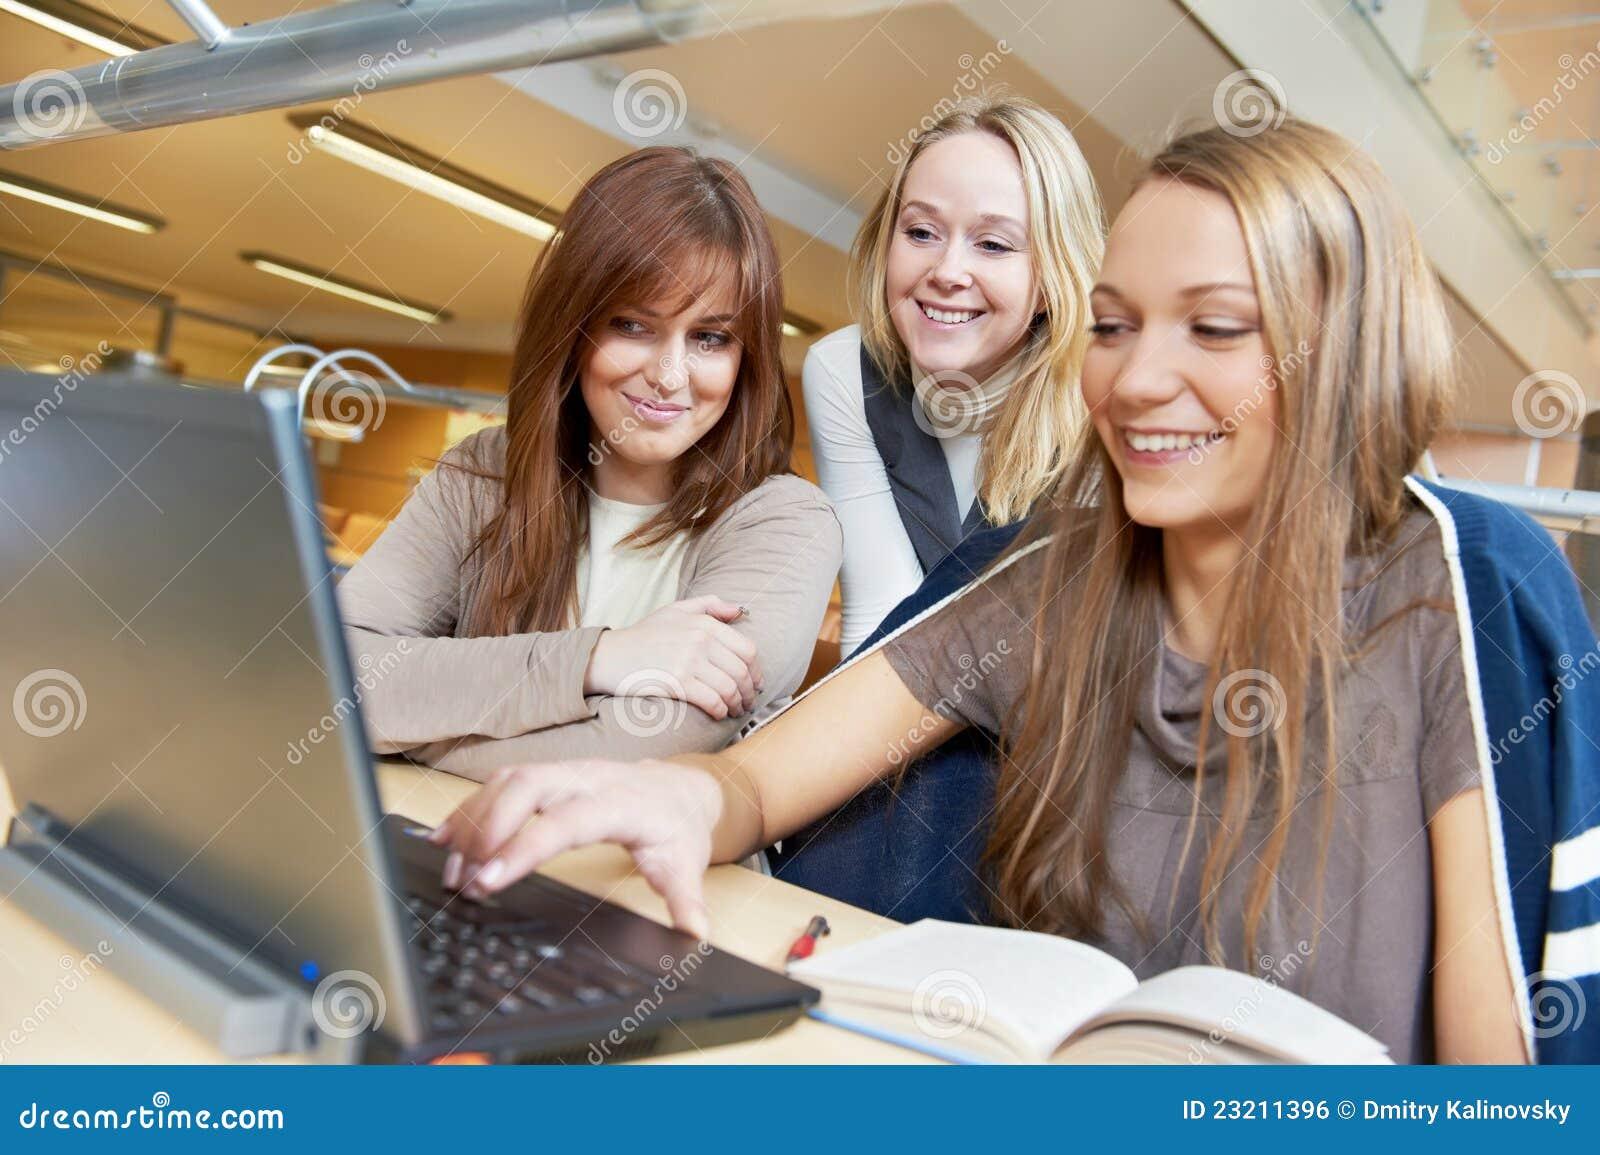 Фото студентки домашние 8 фотография